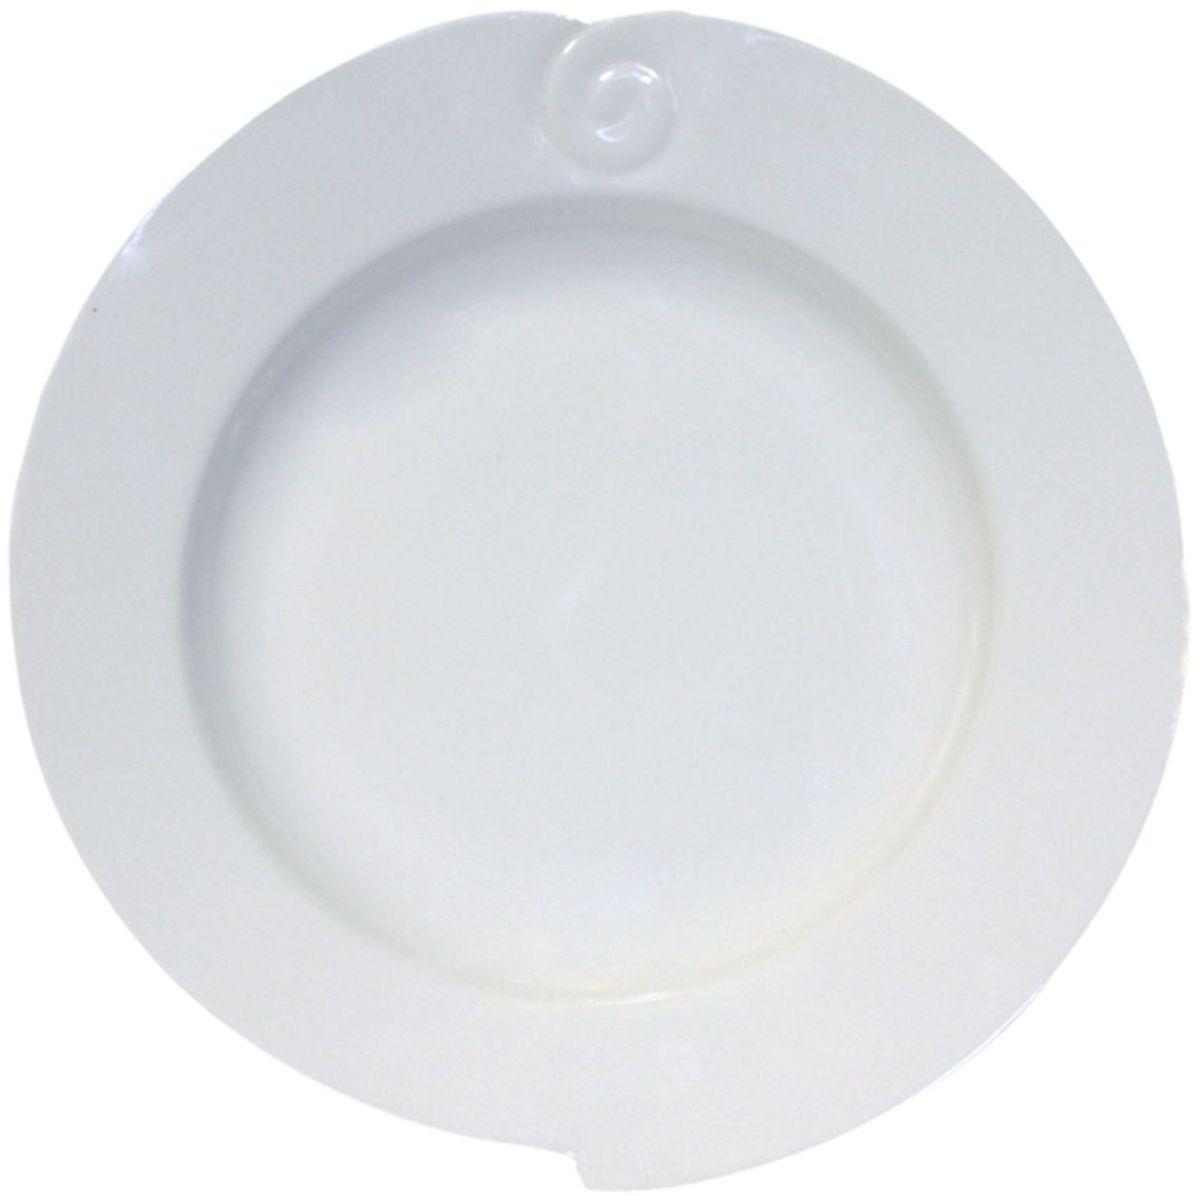 Тарелка Elff Decor, диаметр 20 см. 710-013710-013Изящный дизайн этой тарелкипридется по вкусу и ценителям классики, и тем, кто предпочитает утонченность. Онаидеально подойдет для сервировки стола и станет отличным подарком к любому празднику.Посуда выполнена из высококачественной керамики, благодаря чему прекрасно подходит для посудомоечной машины и микроволновой печи. Рекомендовано мыть мягкими моющими средствами и не мыть абразивными веществами.